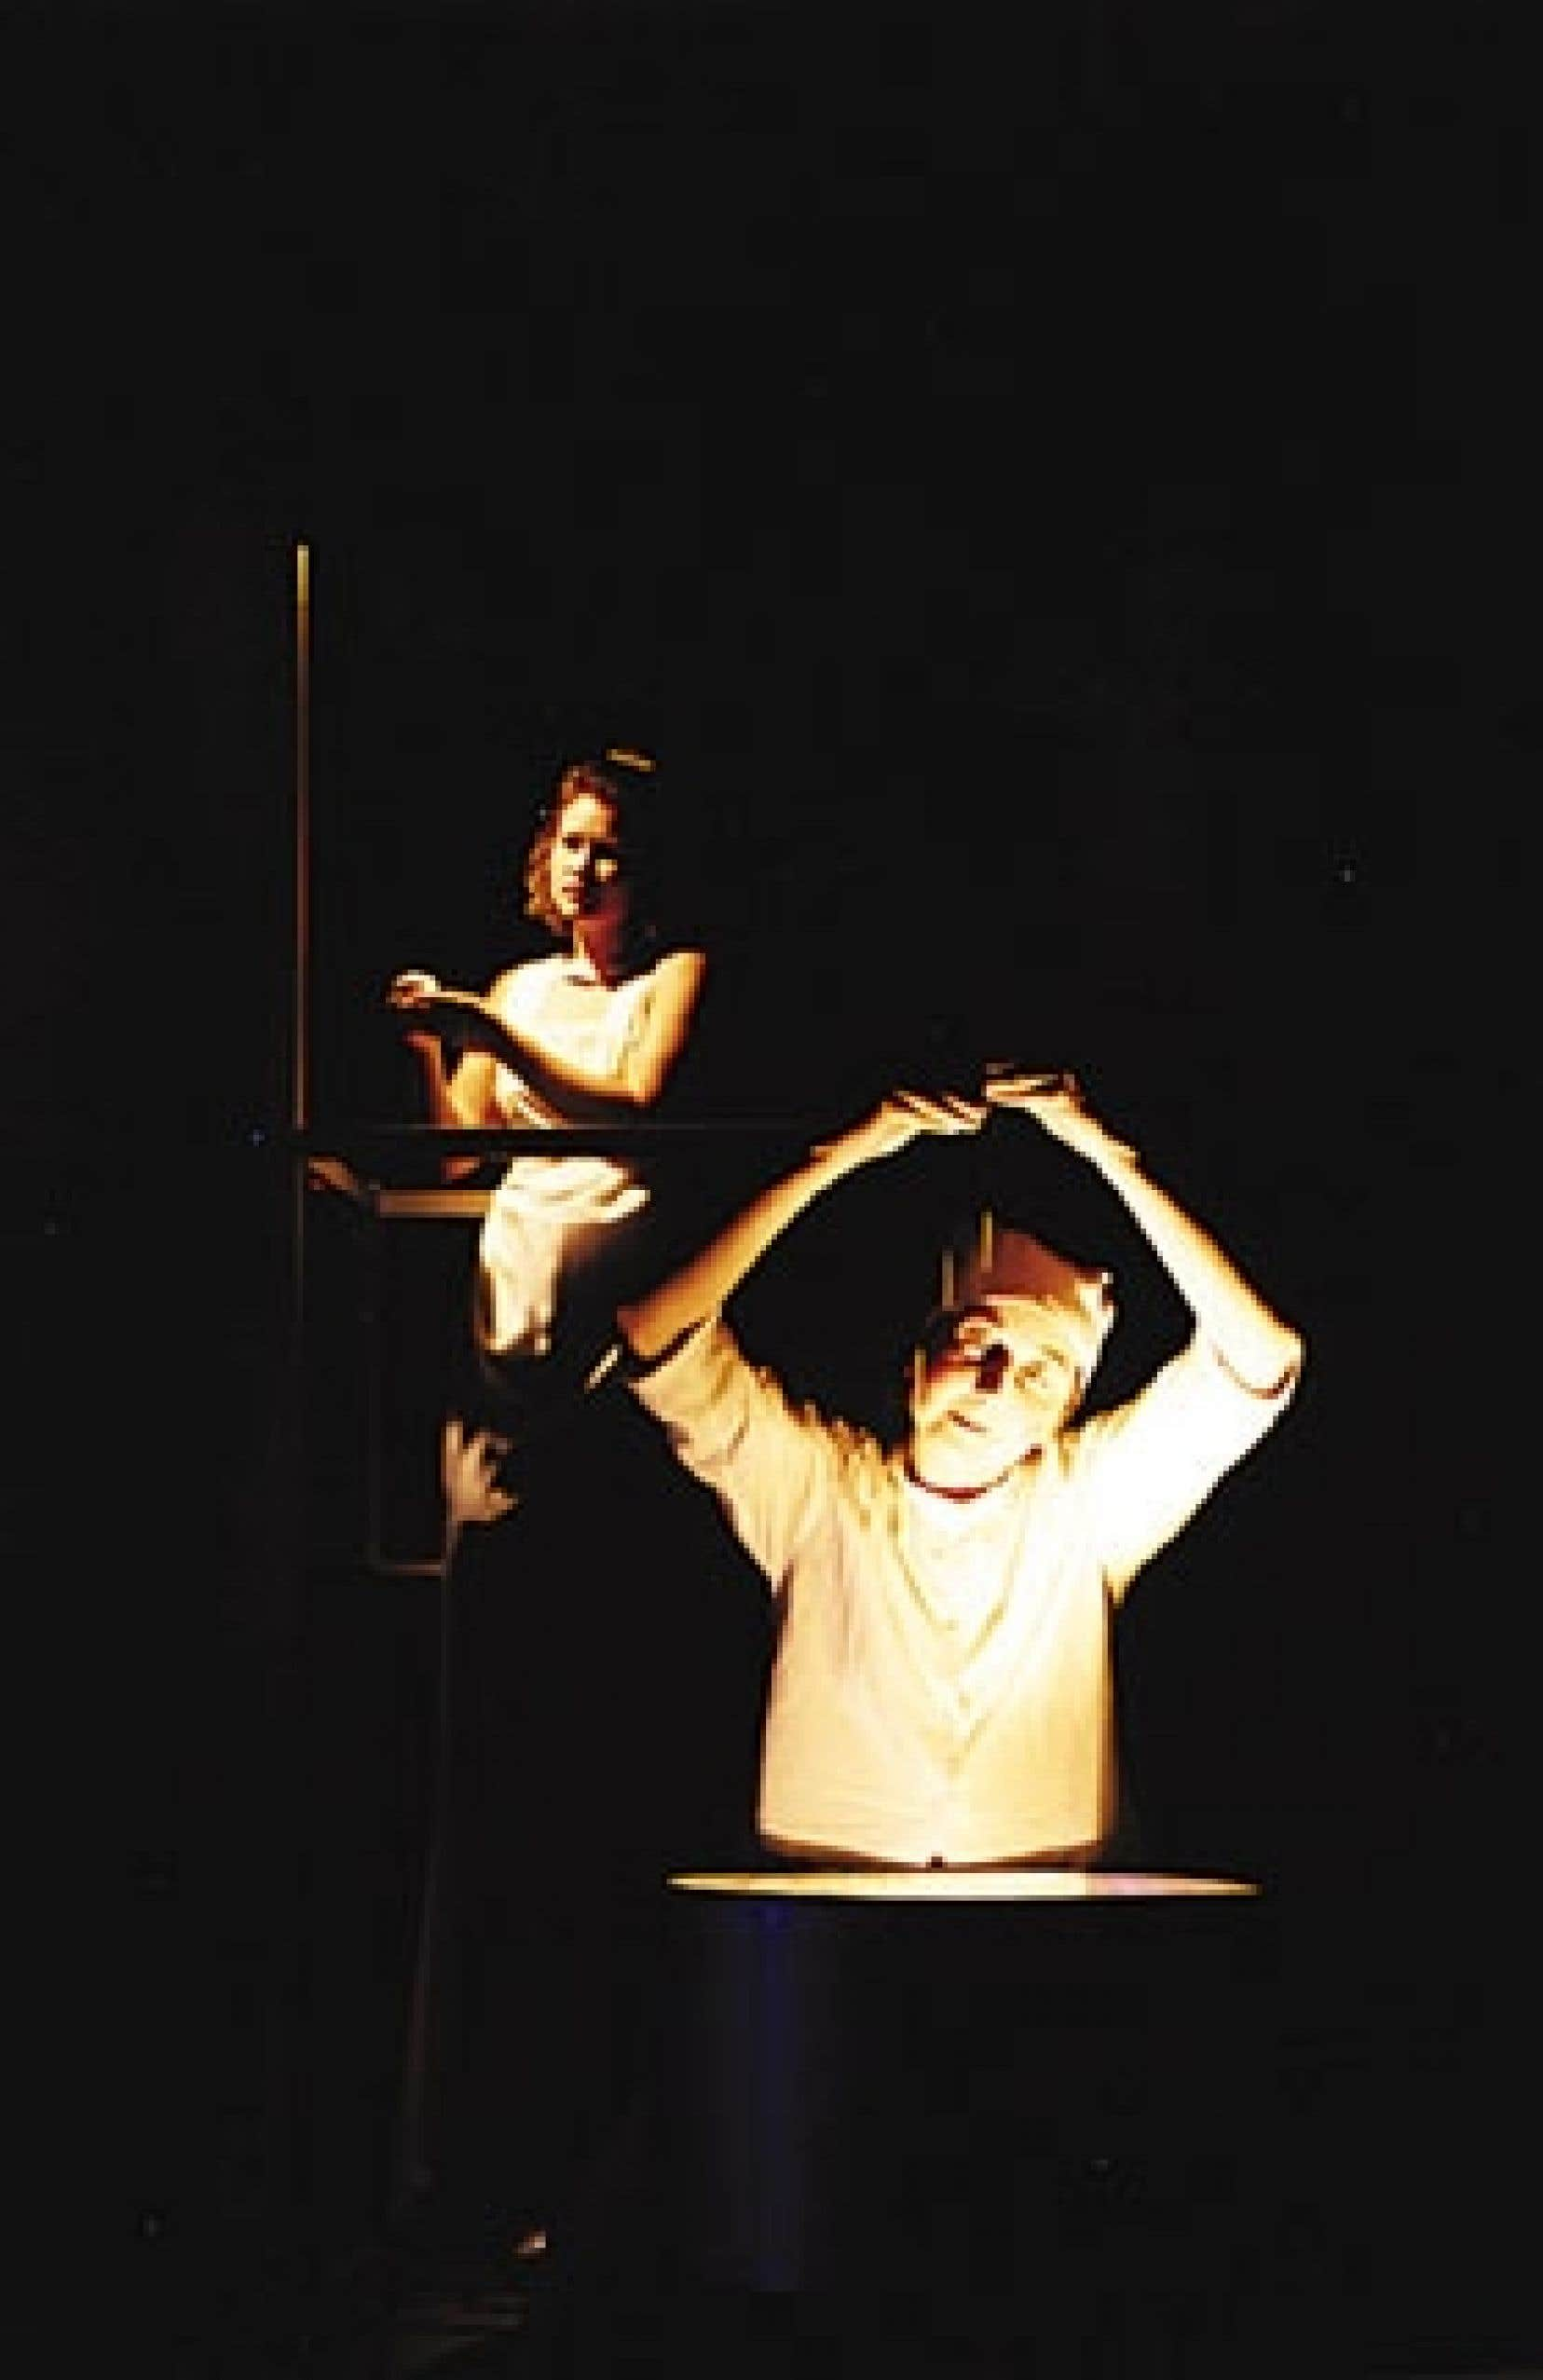 Une scène de la pièce Les Secrets de la nuit. Photo: Arne B. Langleite